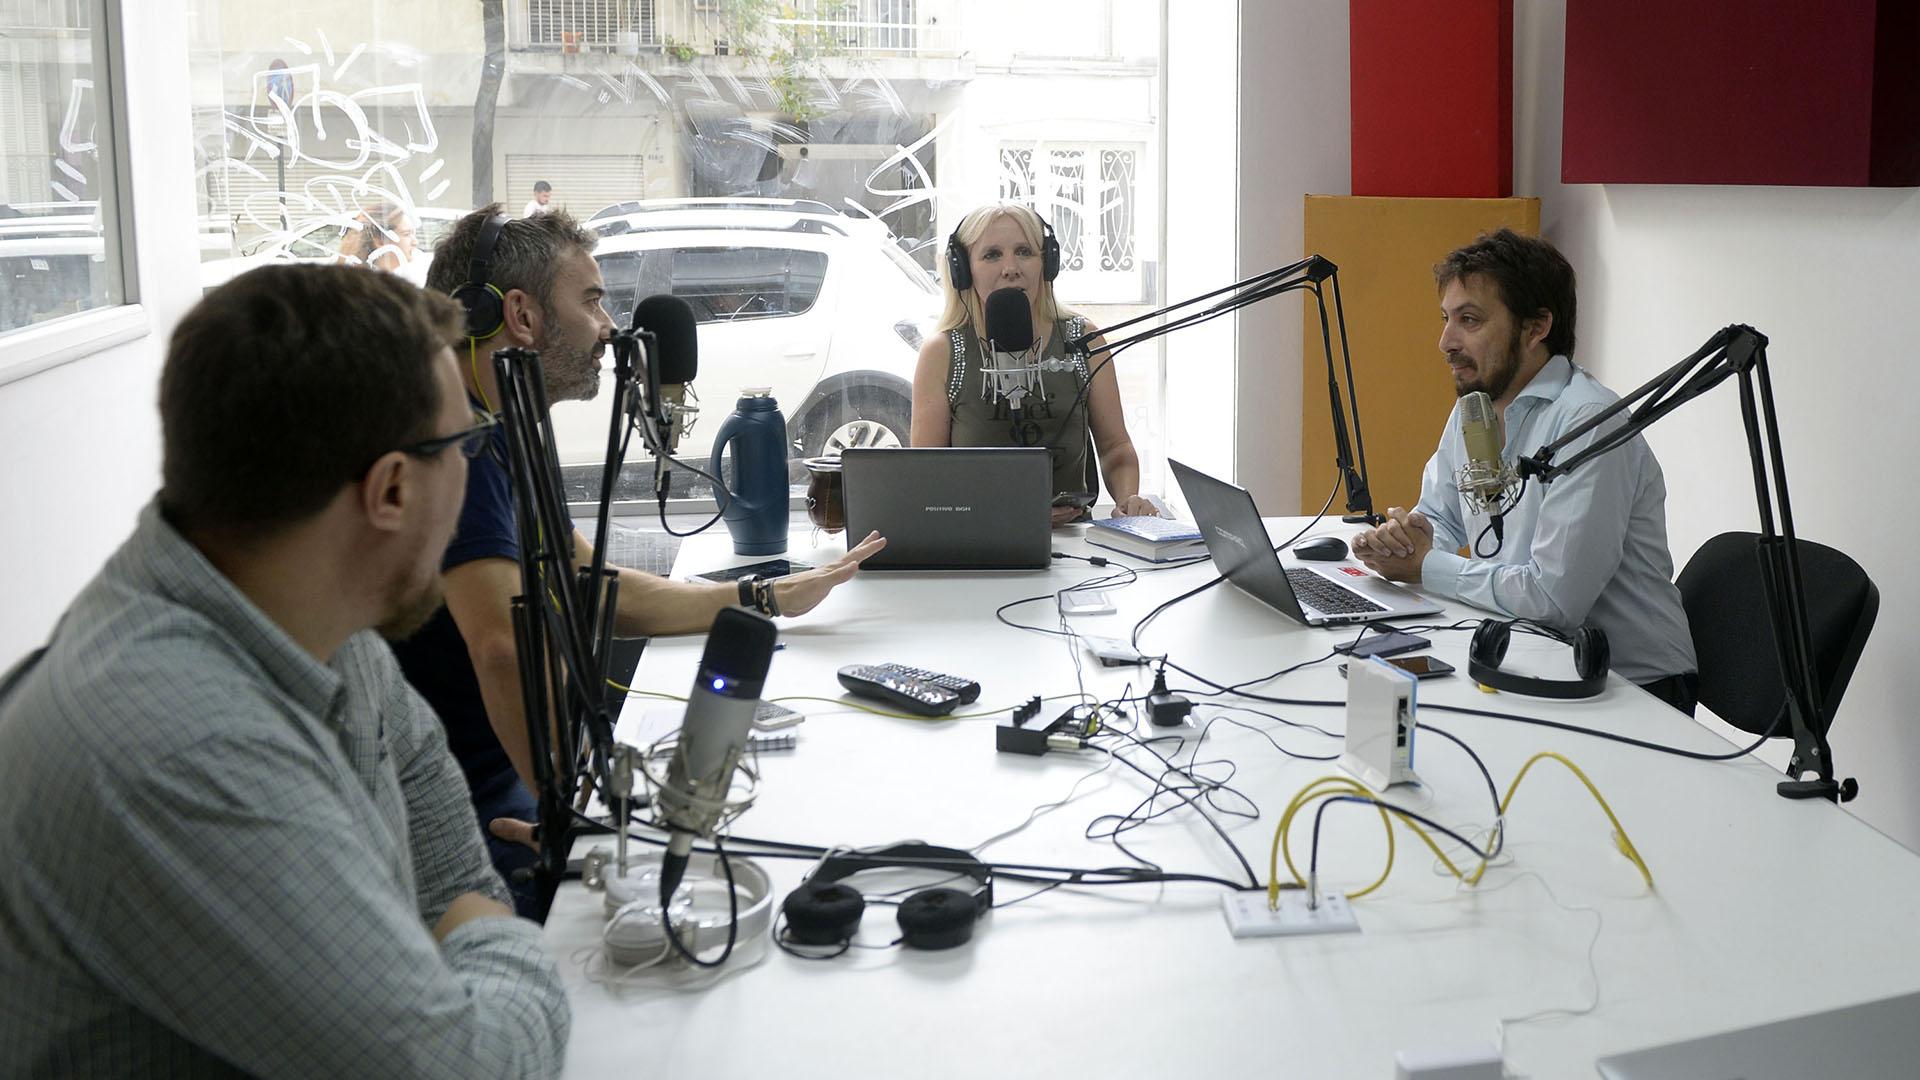 El portal tendrá una alianza estratégica con la radio 0221